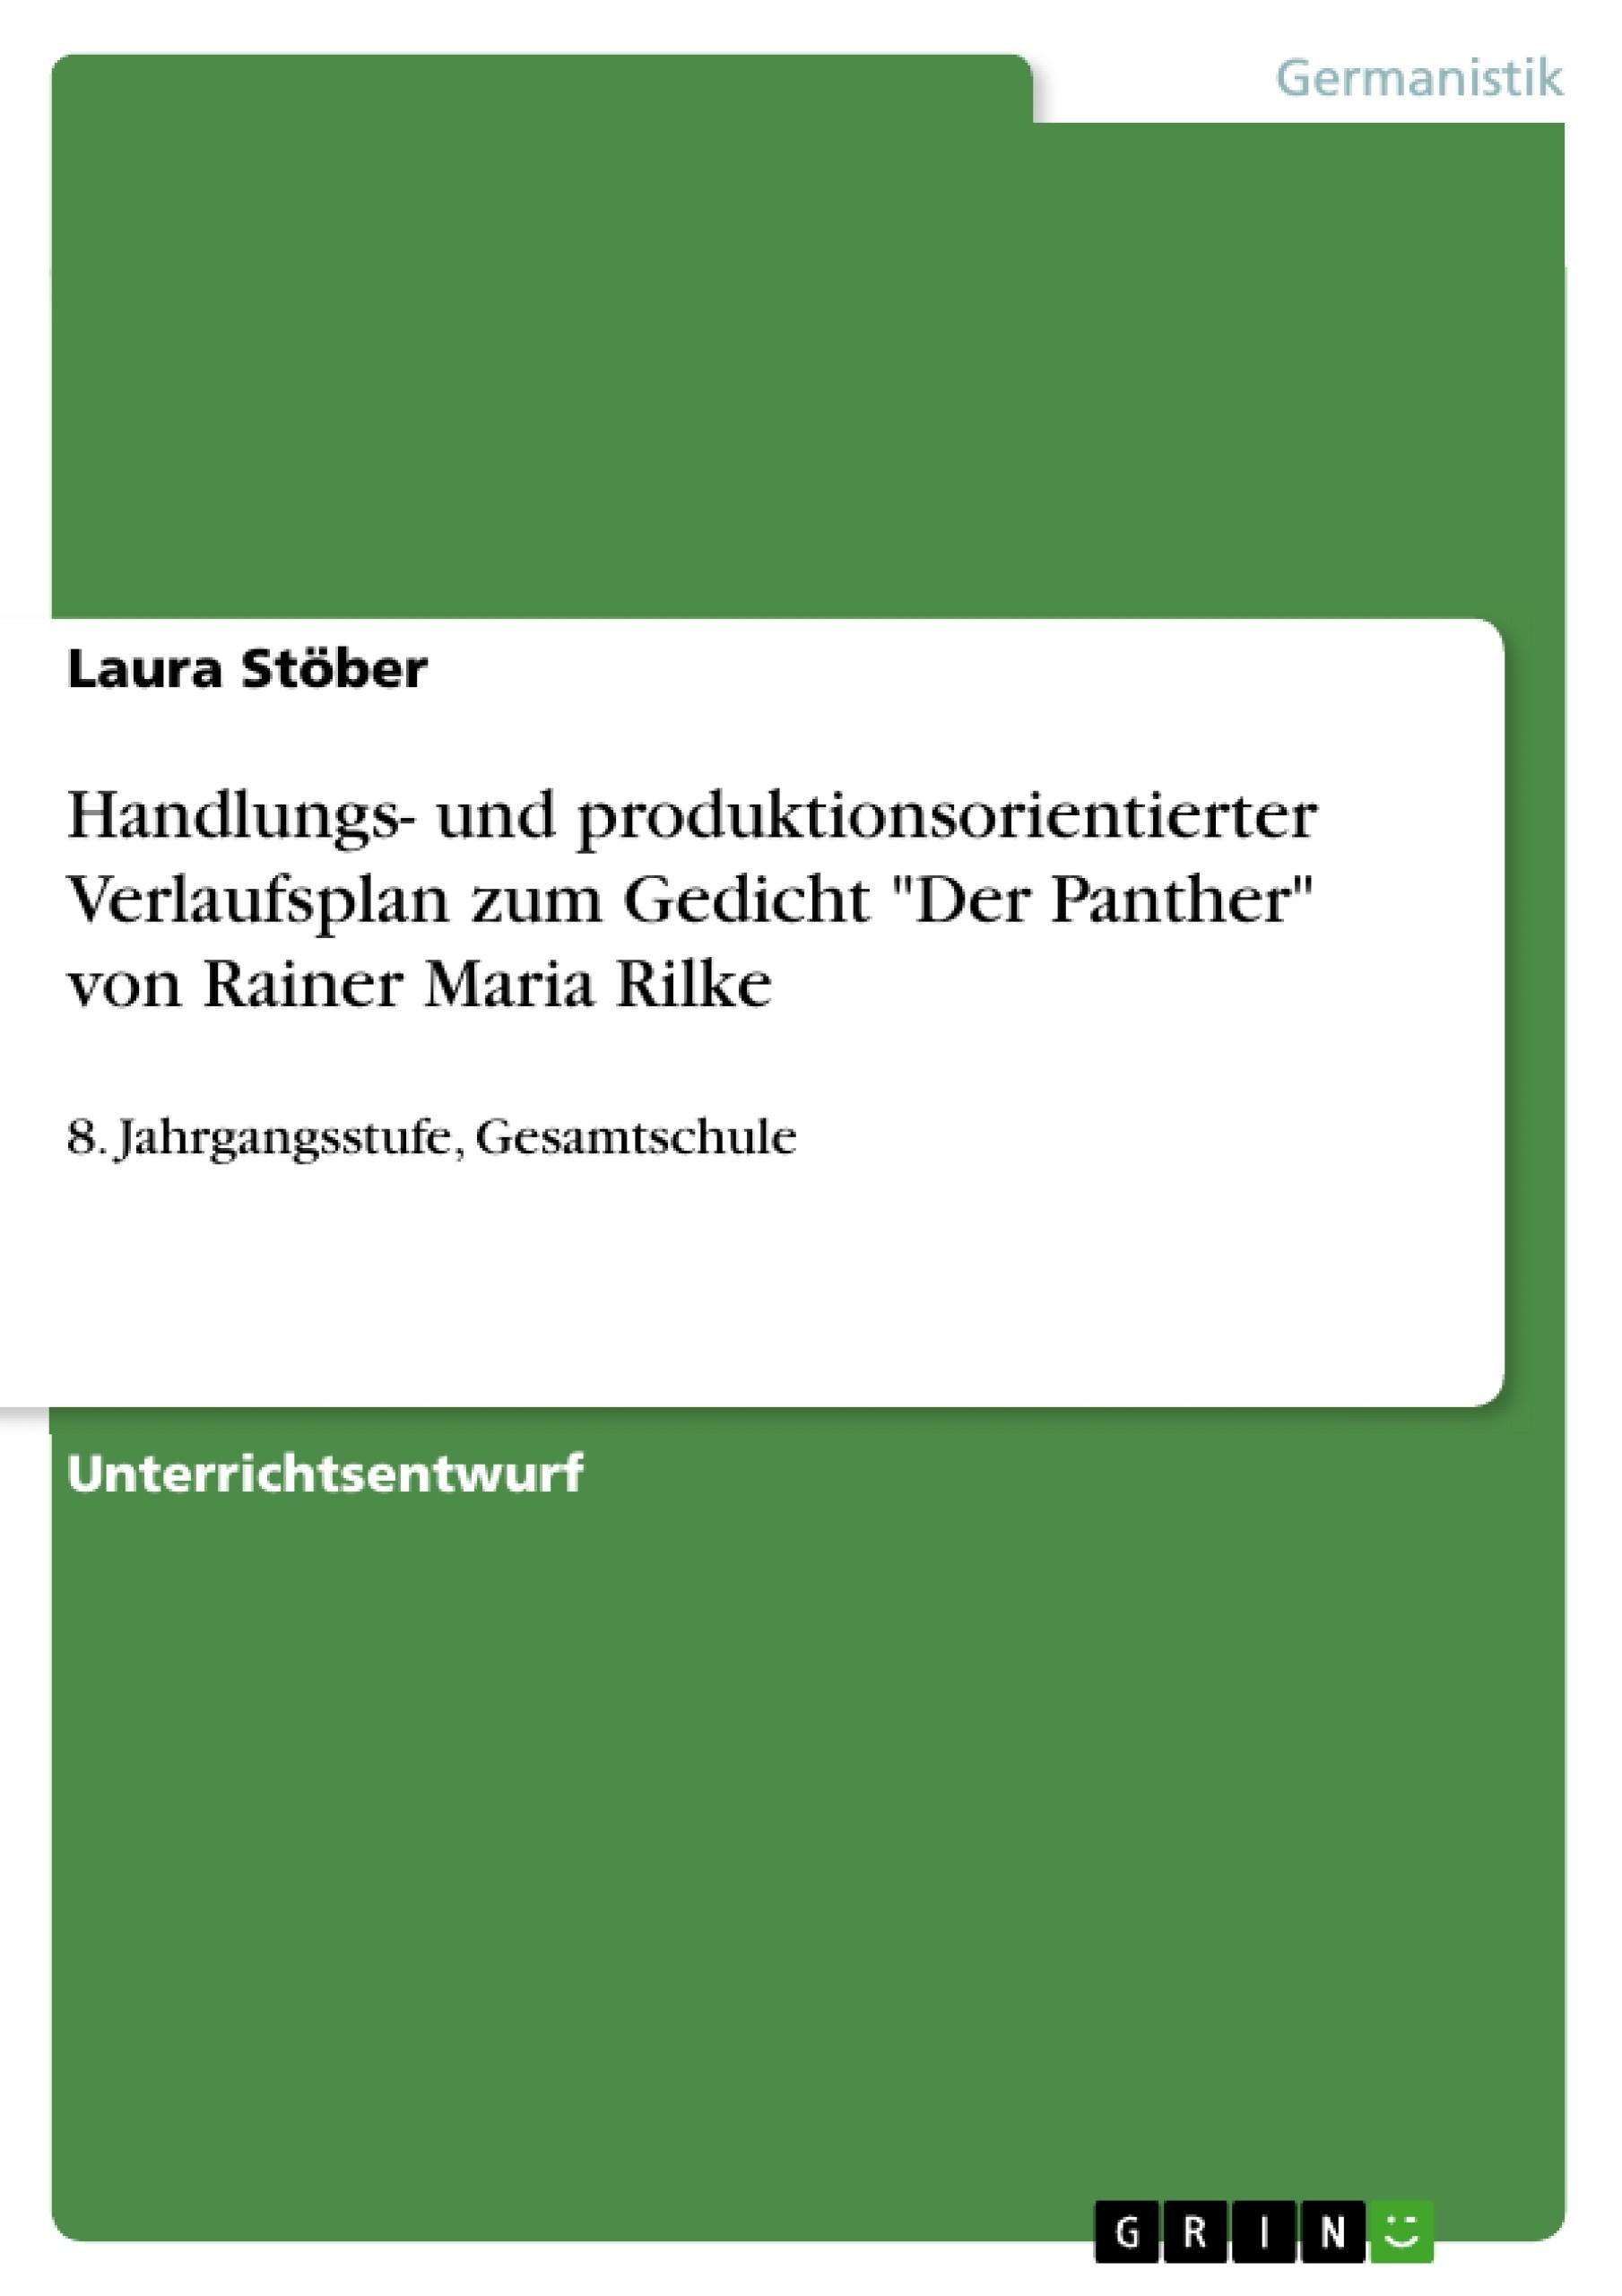 """Titel: Handlungs- und produktionsorientierter Verlaufsplan zum Gedicht """"Der Panther"""" von Rainer Maria Rilke"""